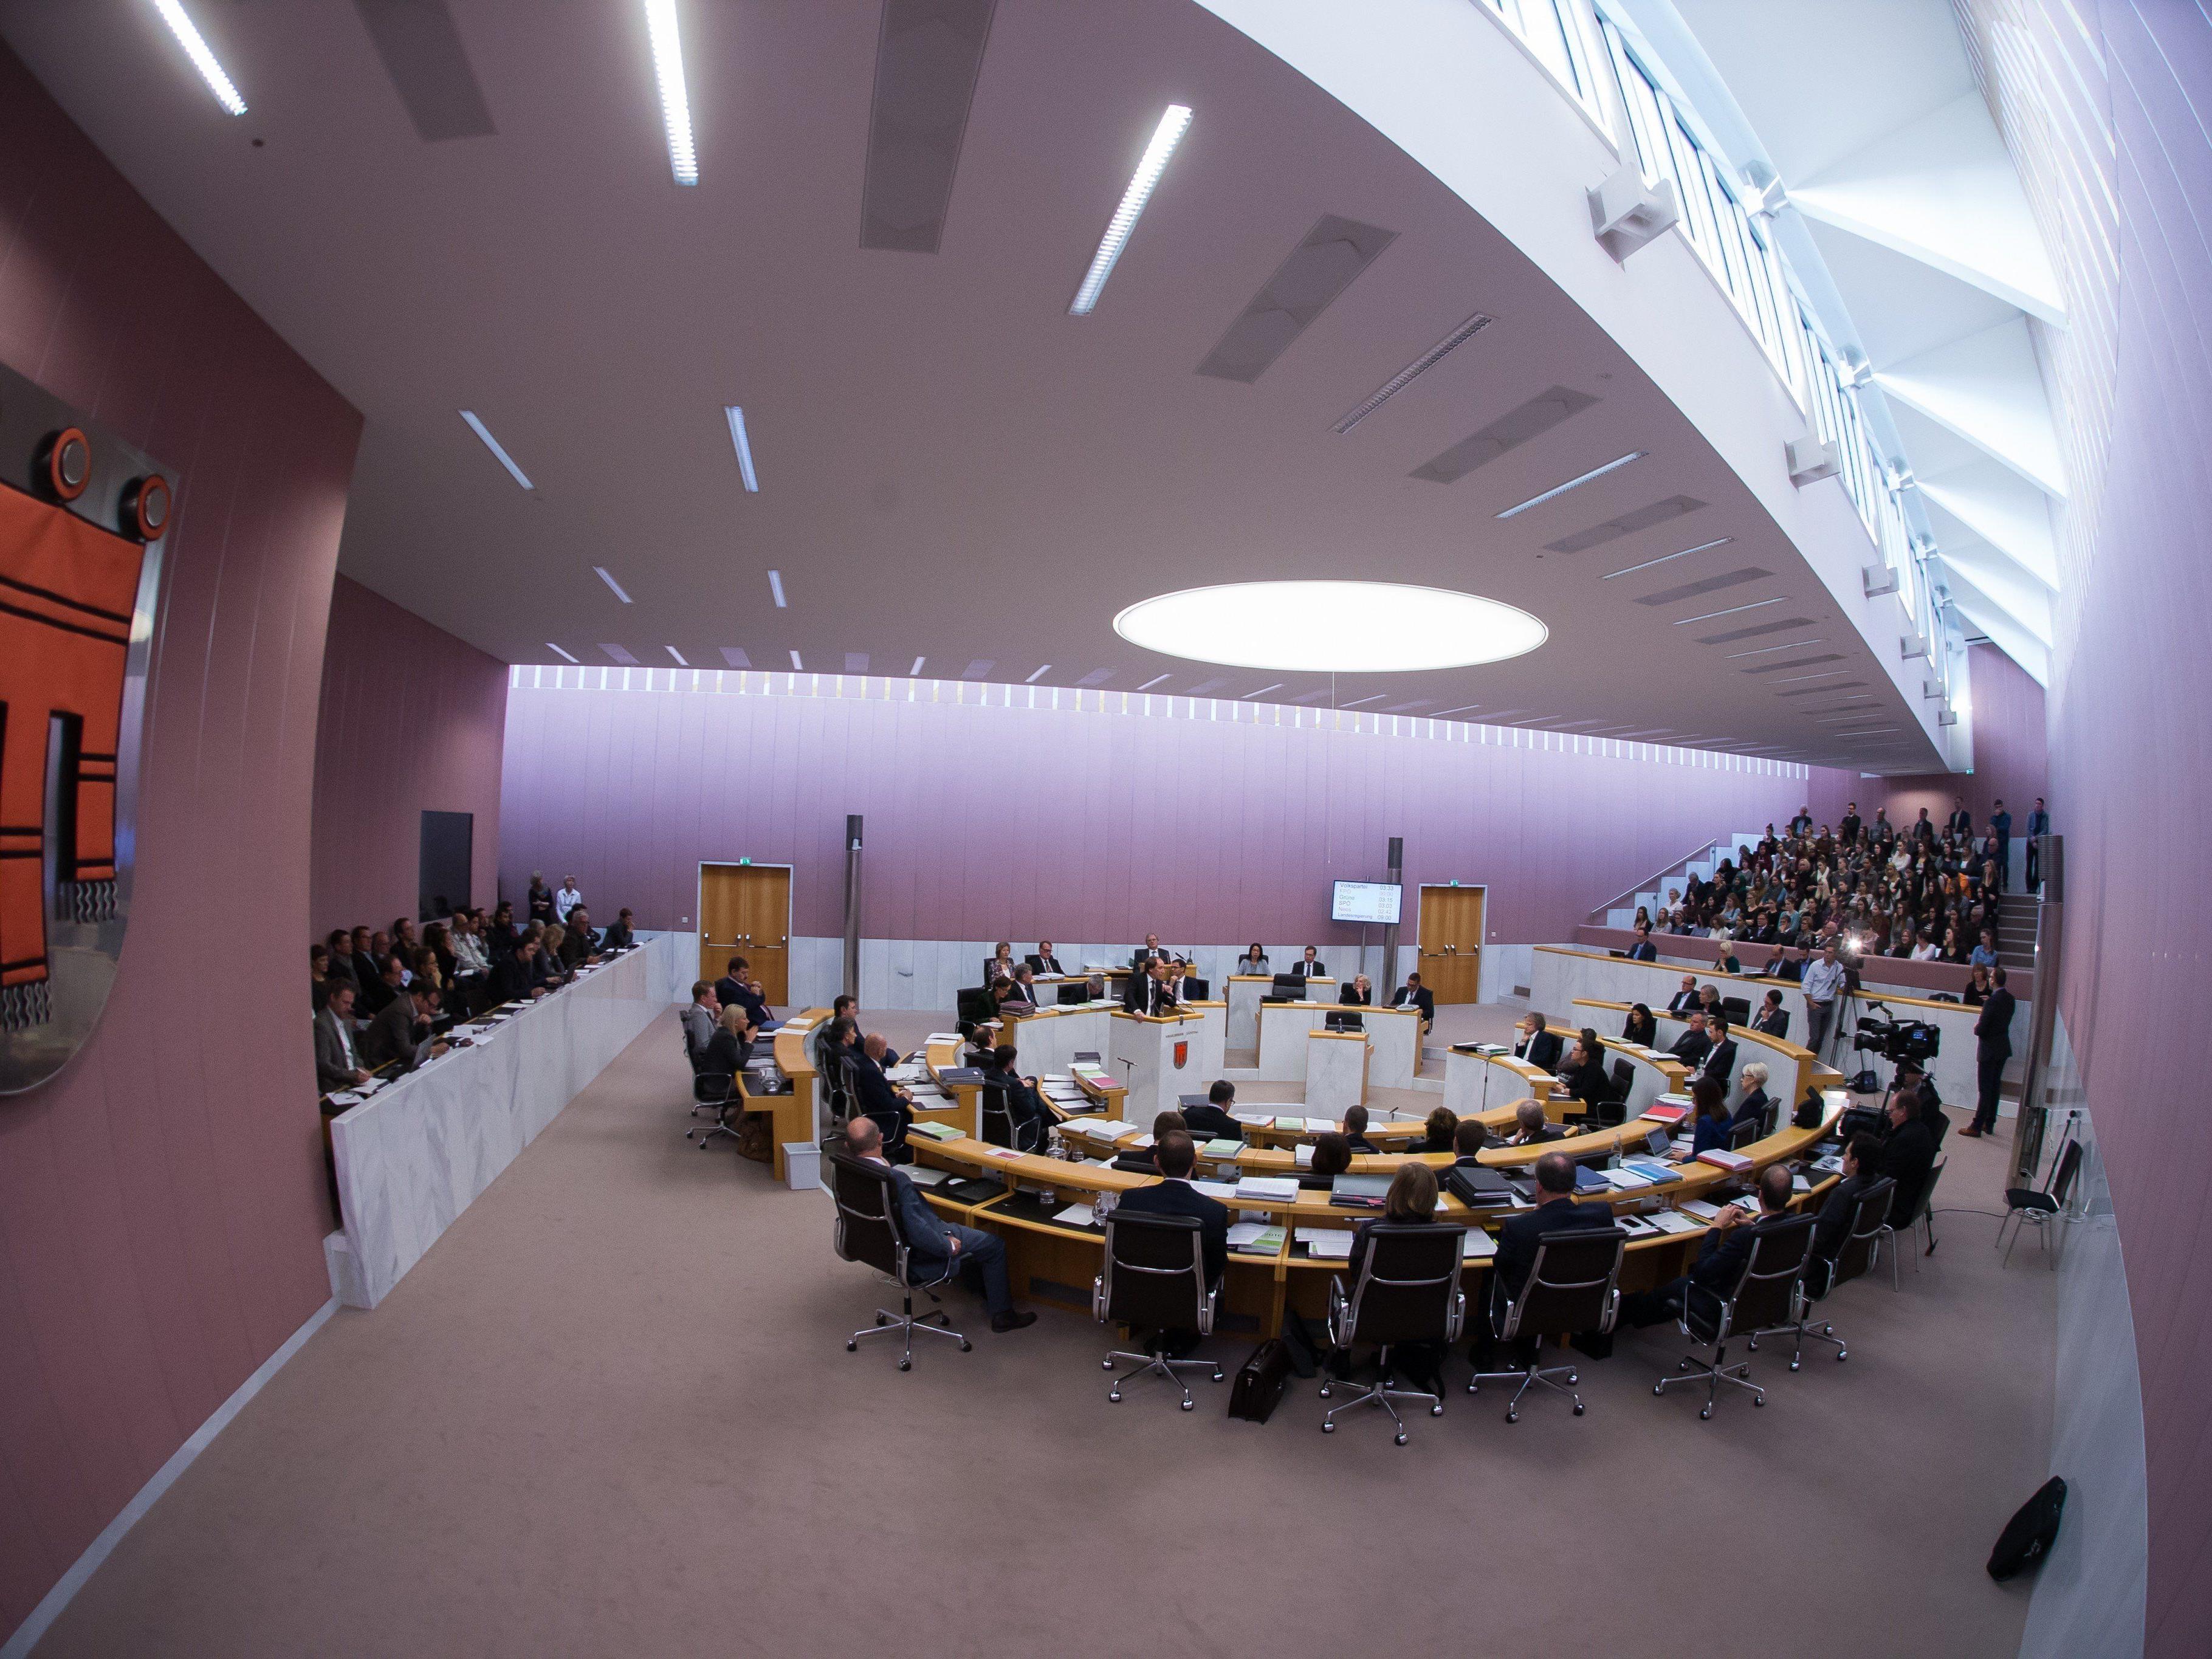 Finanzhaushalt des Landes bestimmt am Mittwoch die Debatte bei der Landtagssitzung.